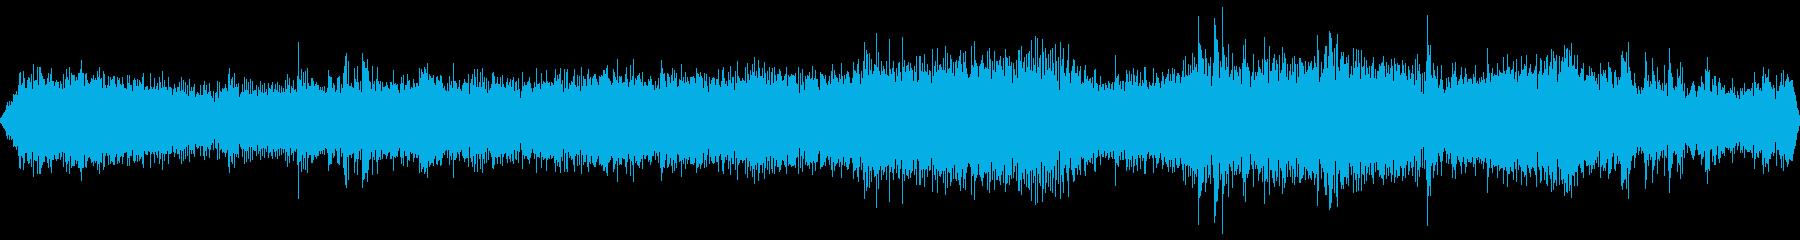 トラックディーゼルスローシフトの再生済みの波形